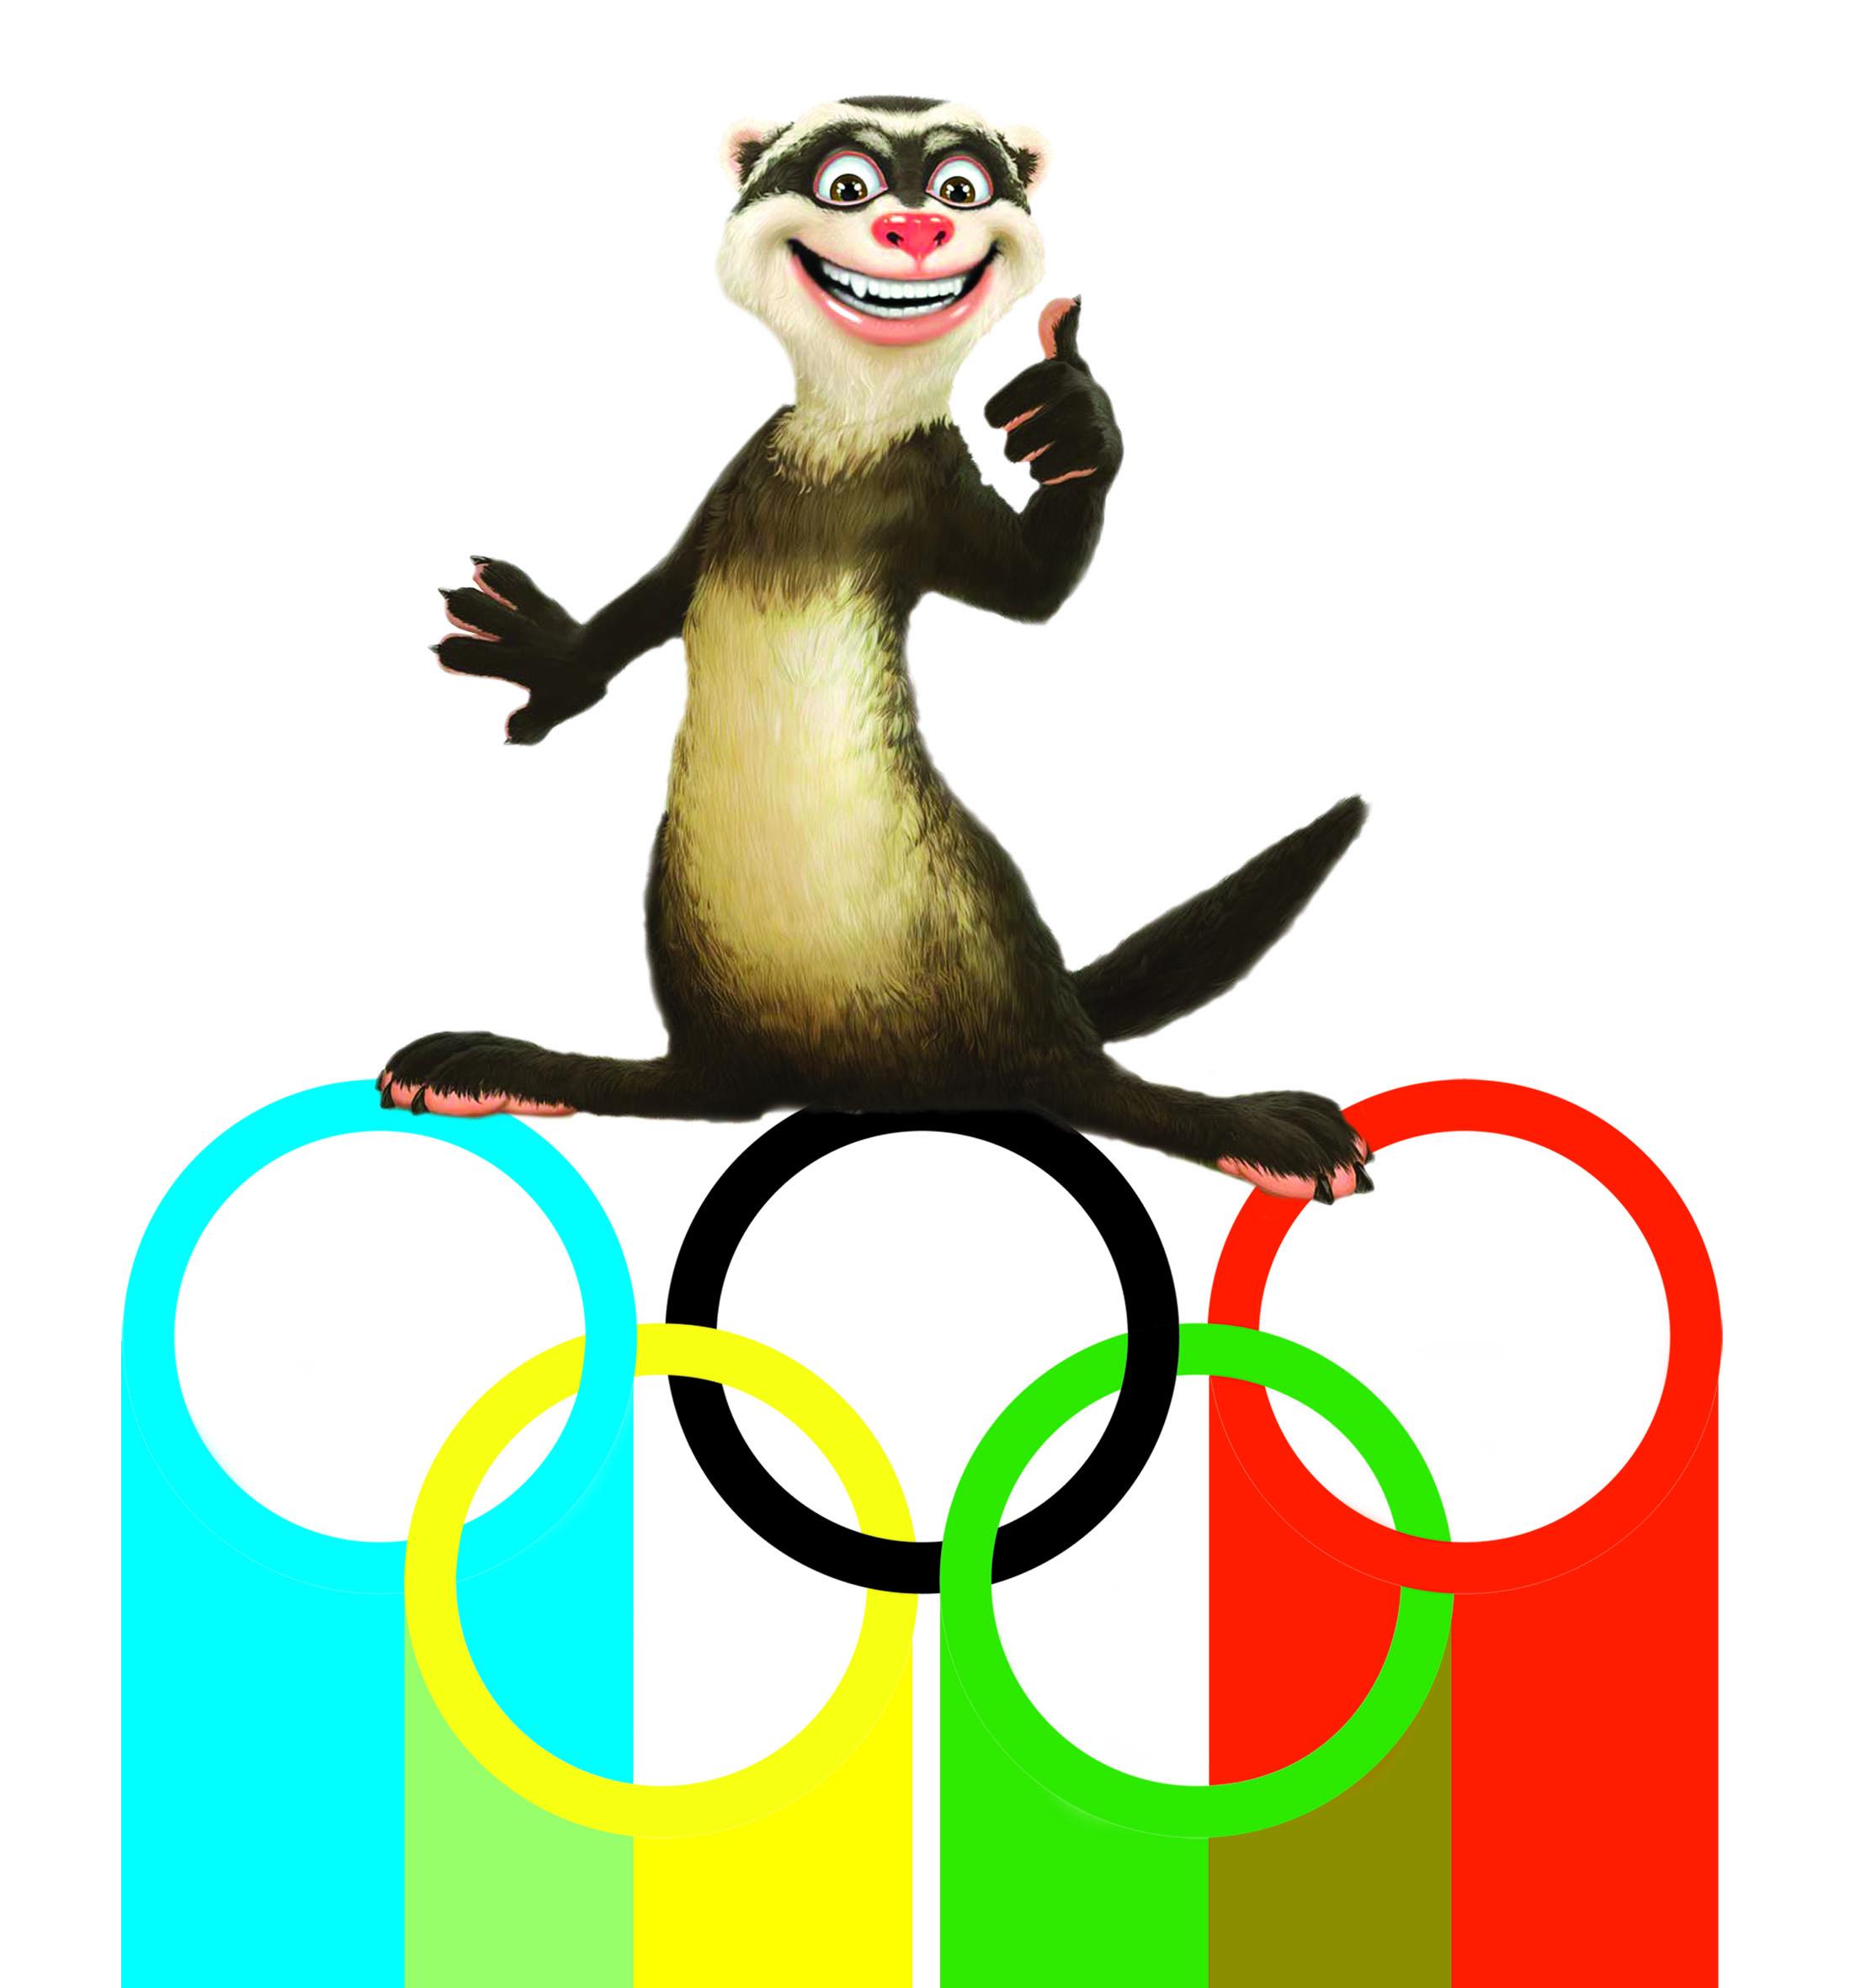 logotip olimpiadi